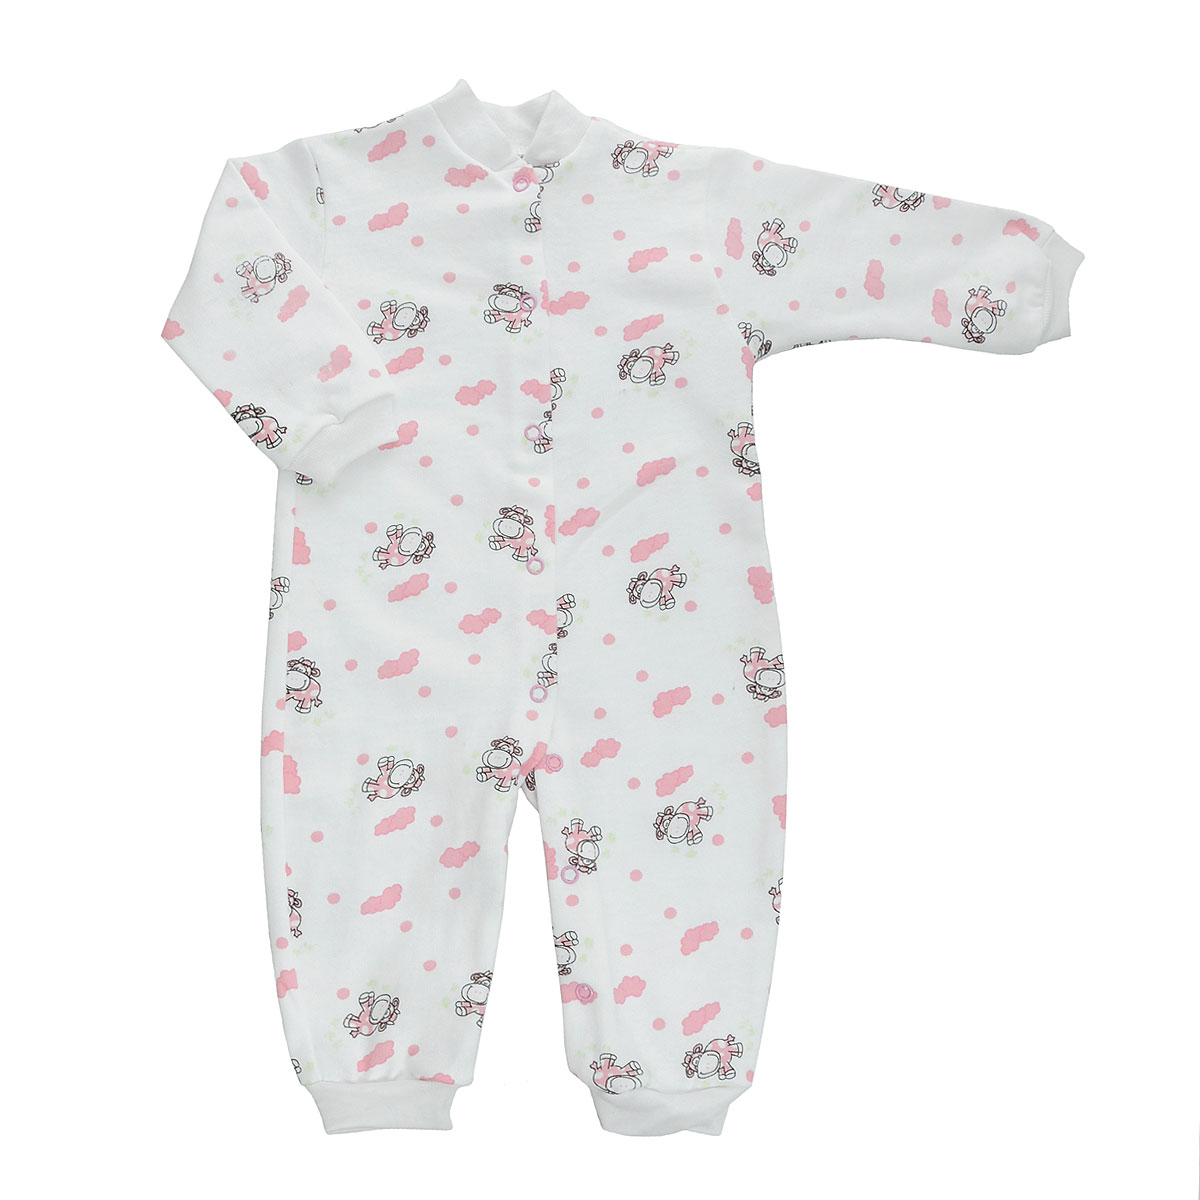 Комбинезон детский Трон-Плюс, цвет: белый, розовый, рисунок коровы. 5823. Размер 62, 3 месяца5823Удобный детский комбинезон Трон-плюс послужит идеальным дополнением к гардеробу ребенка. Комбинезон изготовлен из натурального хлопка, благодаря чему он необычайно мягкий и легкий, не раздражает нежную кожу ребенка и хорошо вентилируется, а эластичные швы приятны телу малыша и не препятствуют его движениям. Комбинезон с небольшим воротником-стойкой, длинными рукавами и открытыми ножками имеет застежки-кнопки от горловины до щиколоток, которые помогают легко переодеть младенца или сменить подгузник. Низ рукавов и низ брючин дополнен эластичными широкими манжетами. Комбинезон оформлен ярким принтом с изображением забавных животных.С детским комбинезоном Трон-плюс спинка и ножки вашего ребенка всегда будут в тепле, он идеален для использования днем и незаменим ночью. Комбинезон полностью соответствует особенностям жизни младенца в ранний период, не стесняя и не ограничивая его в движениях!